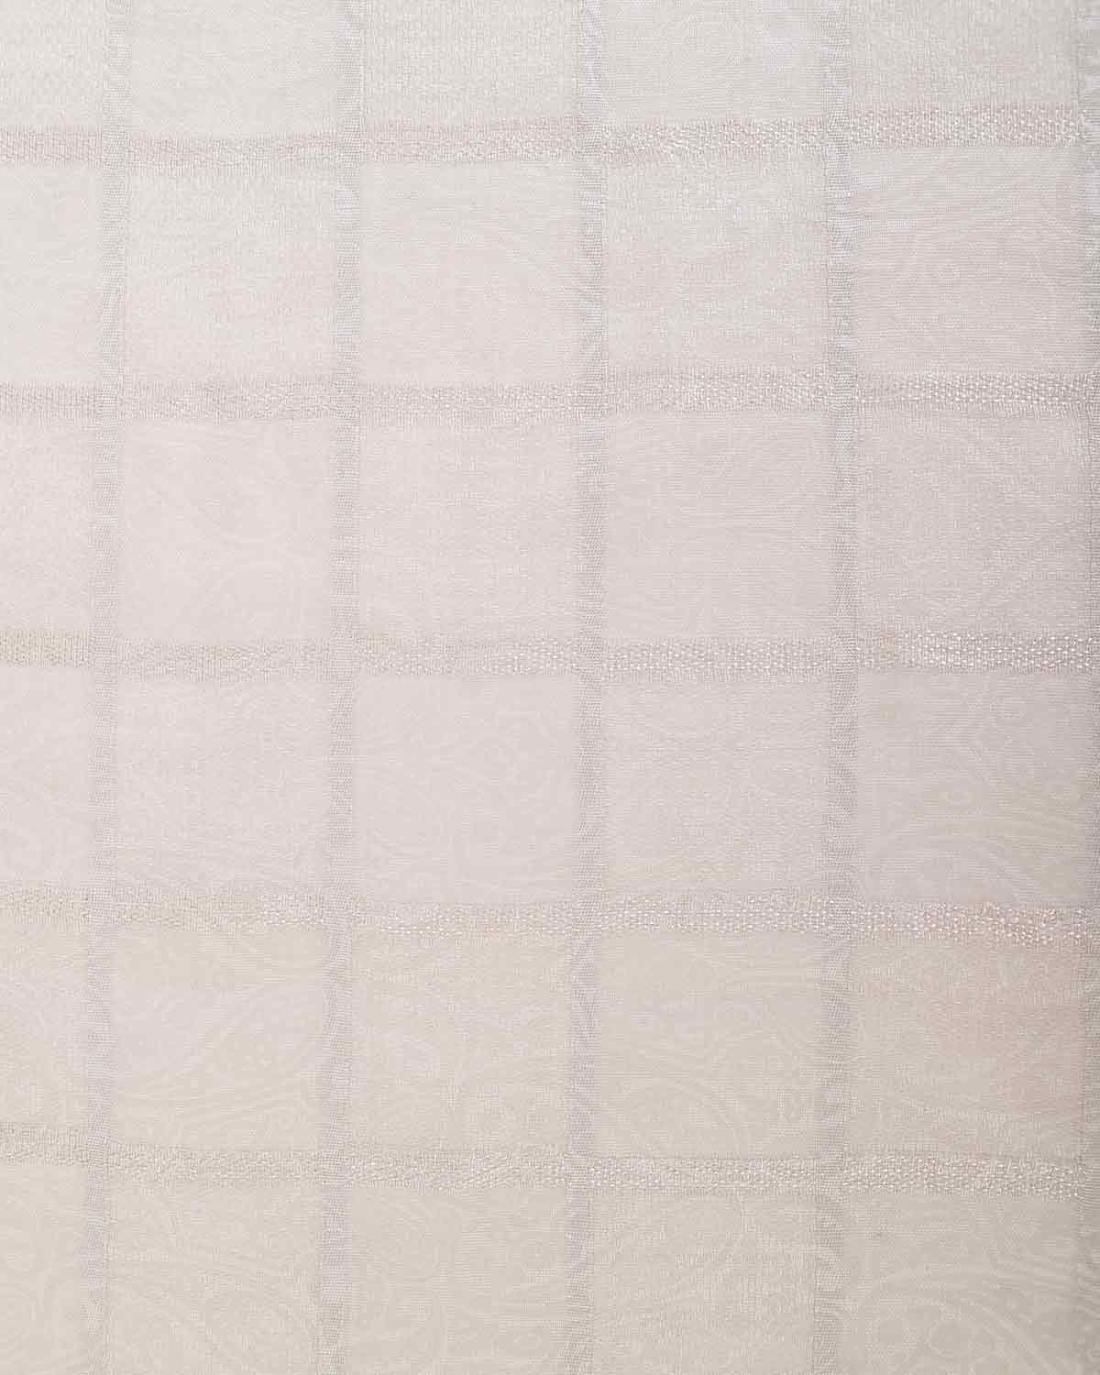 Foulard-Tücher grau